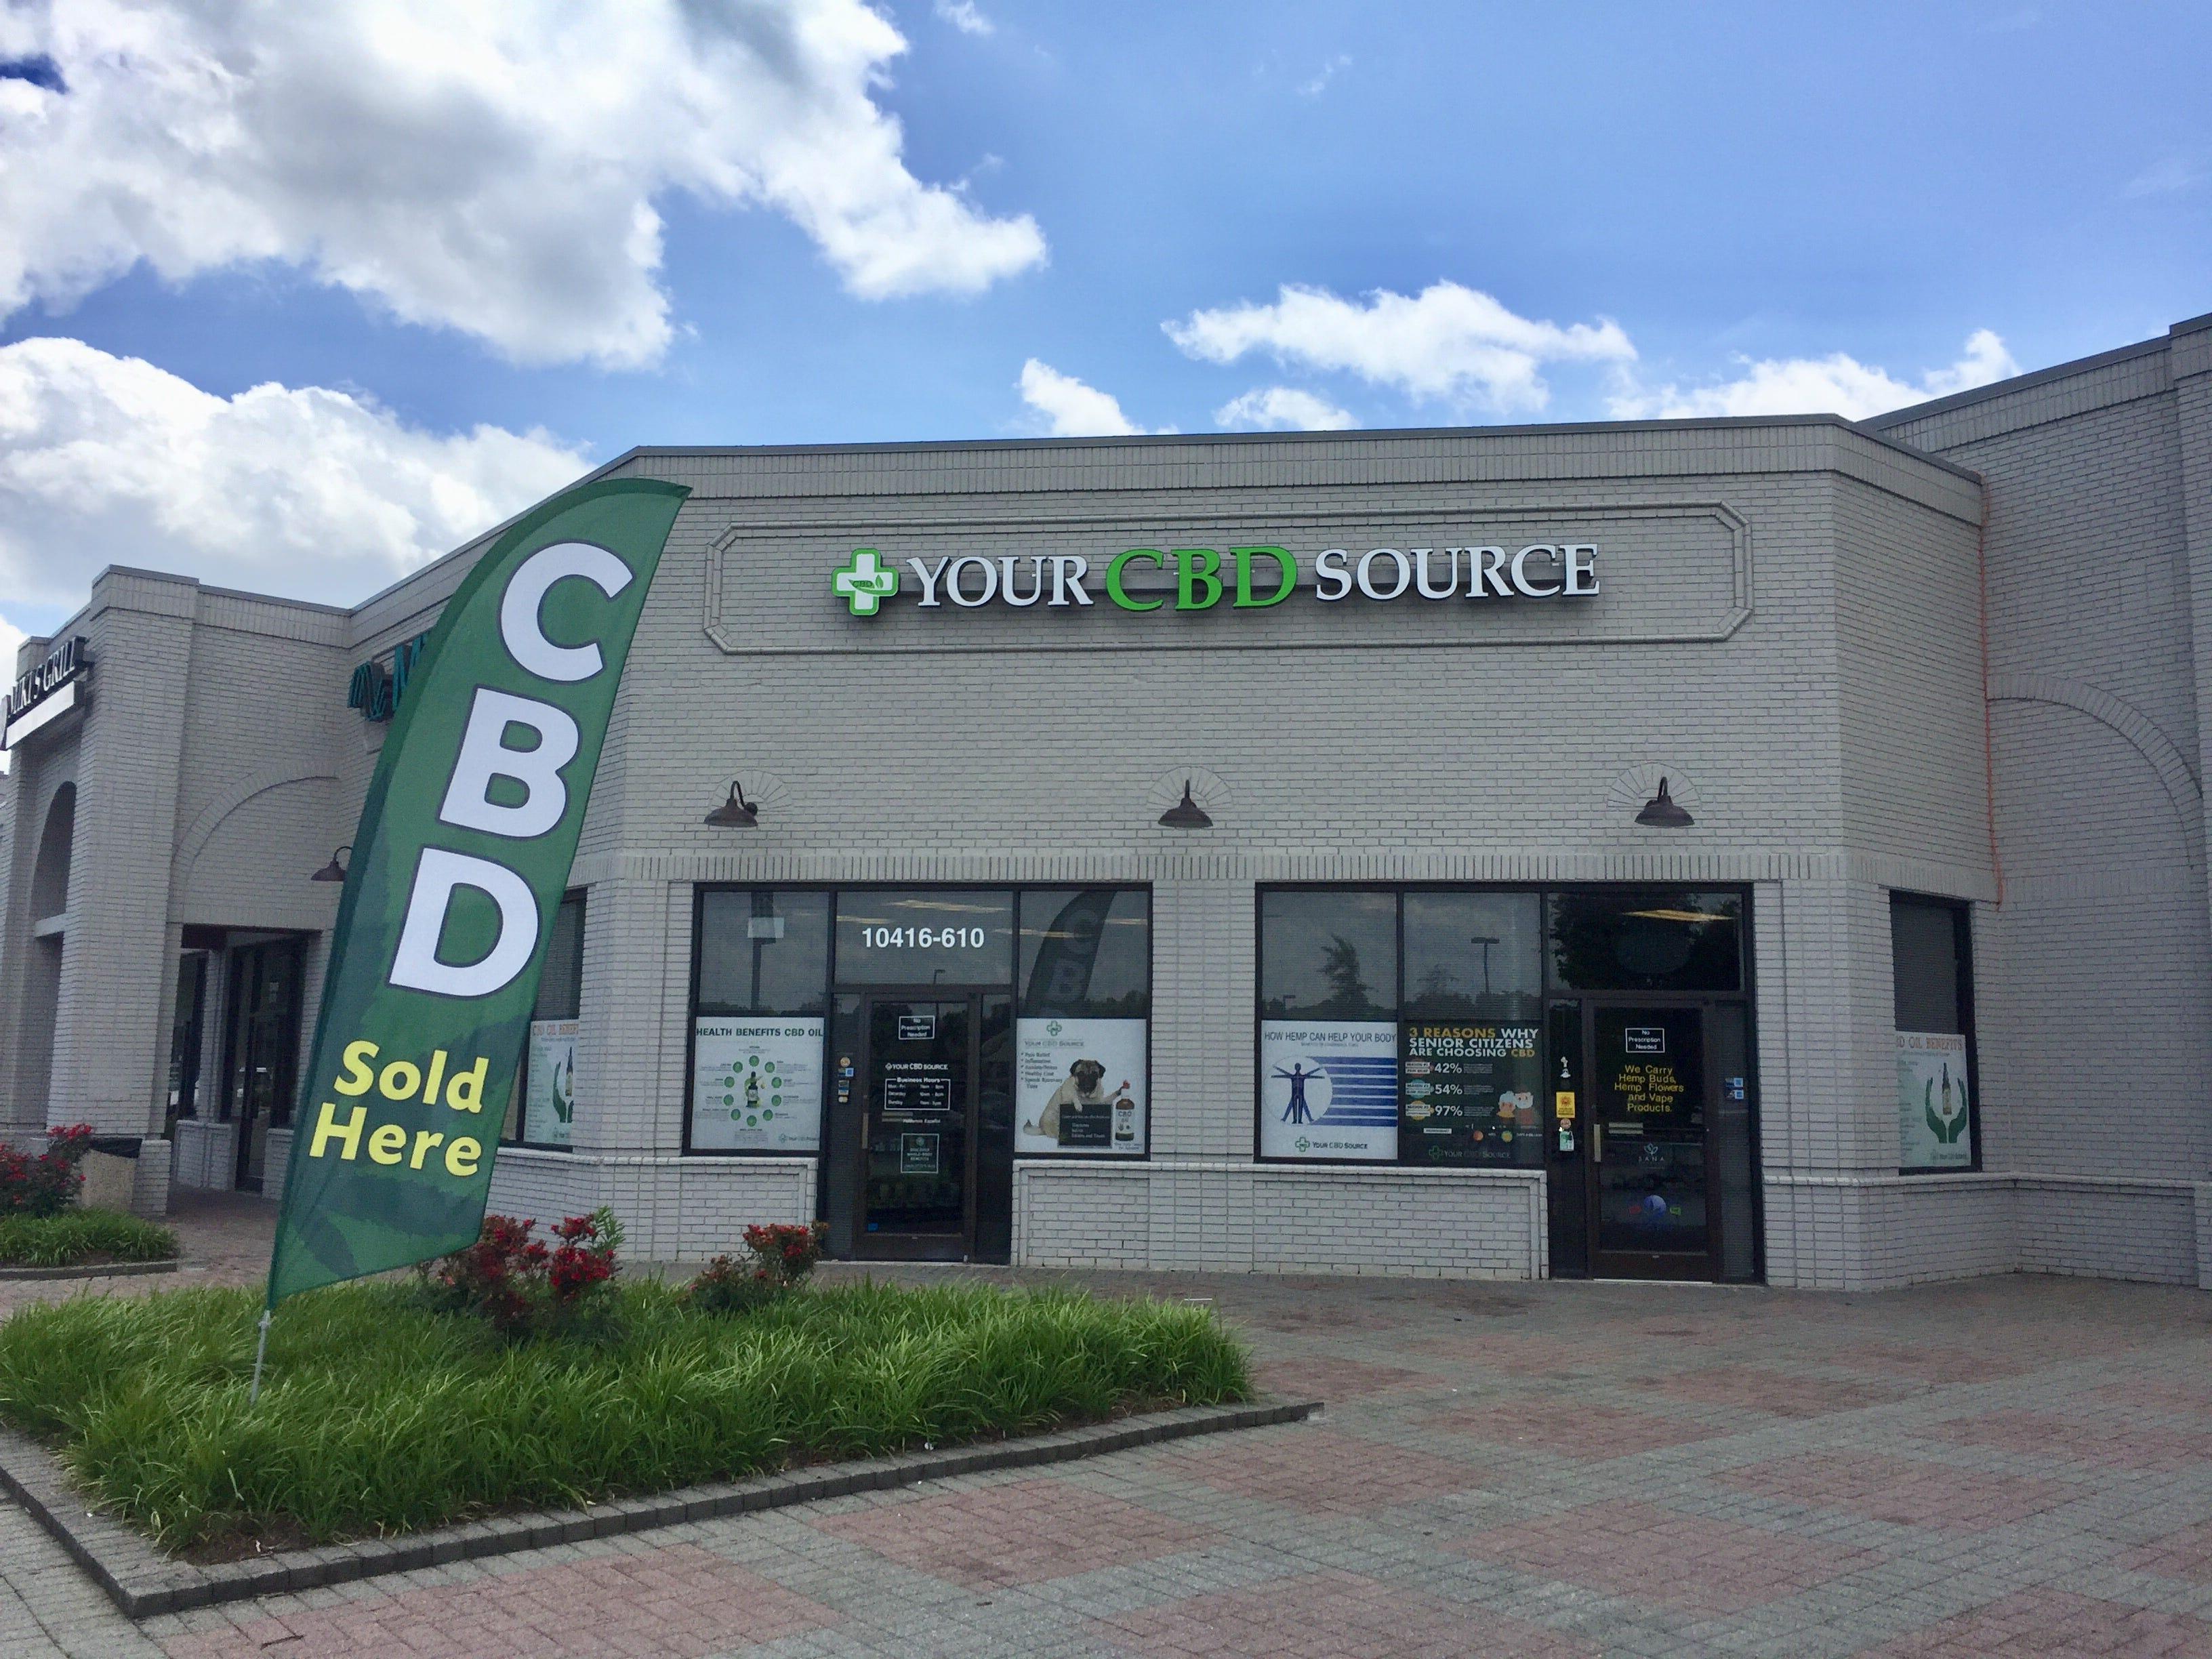 Big Retail is preparing to crush local CBD stores, dude ...